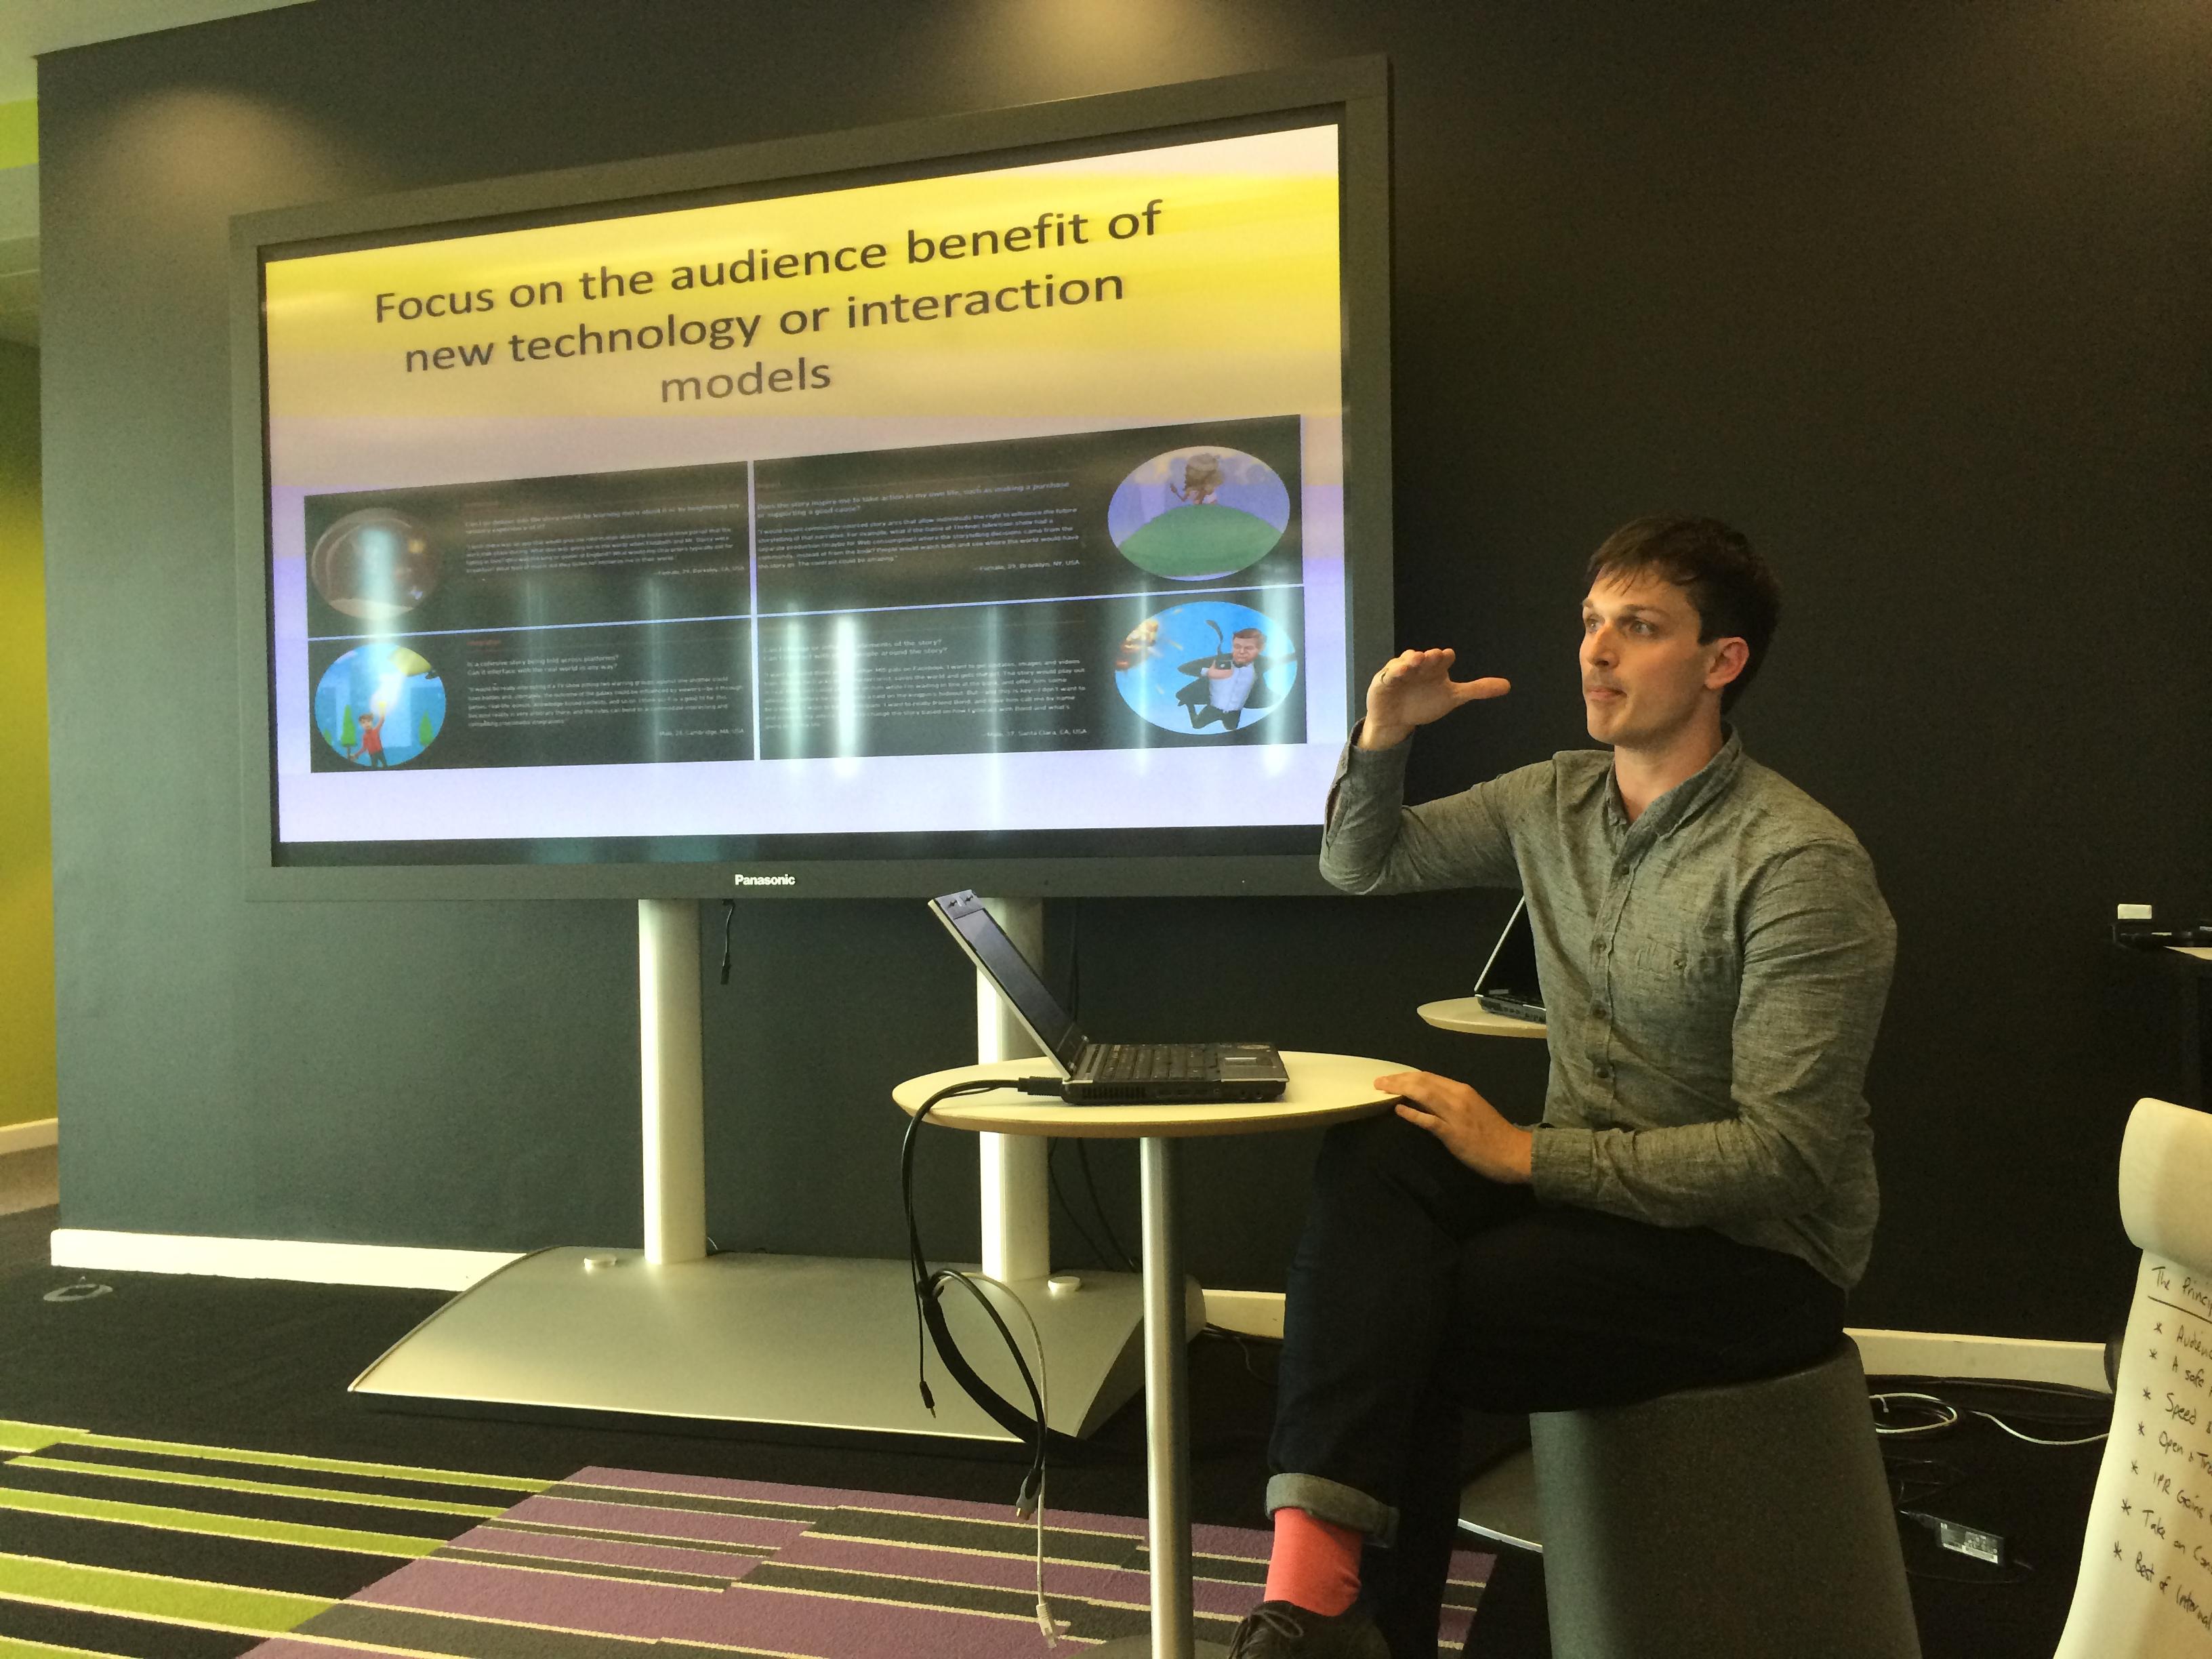 Matt Farrar gives an inspiring talk